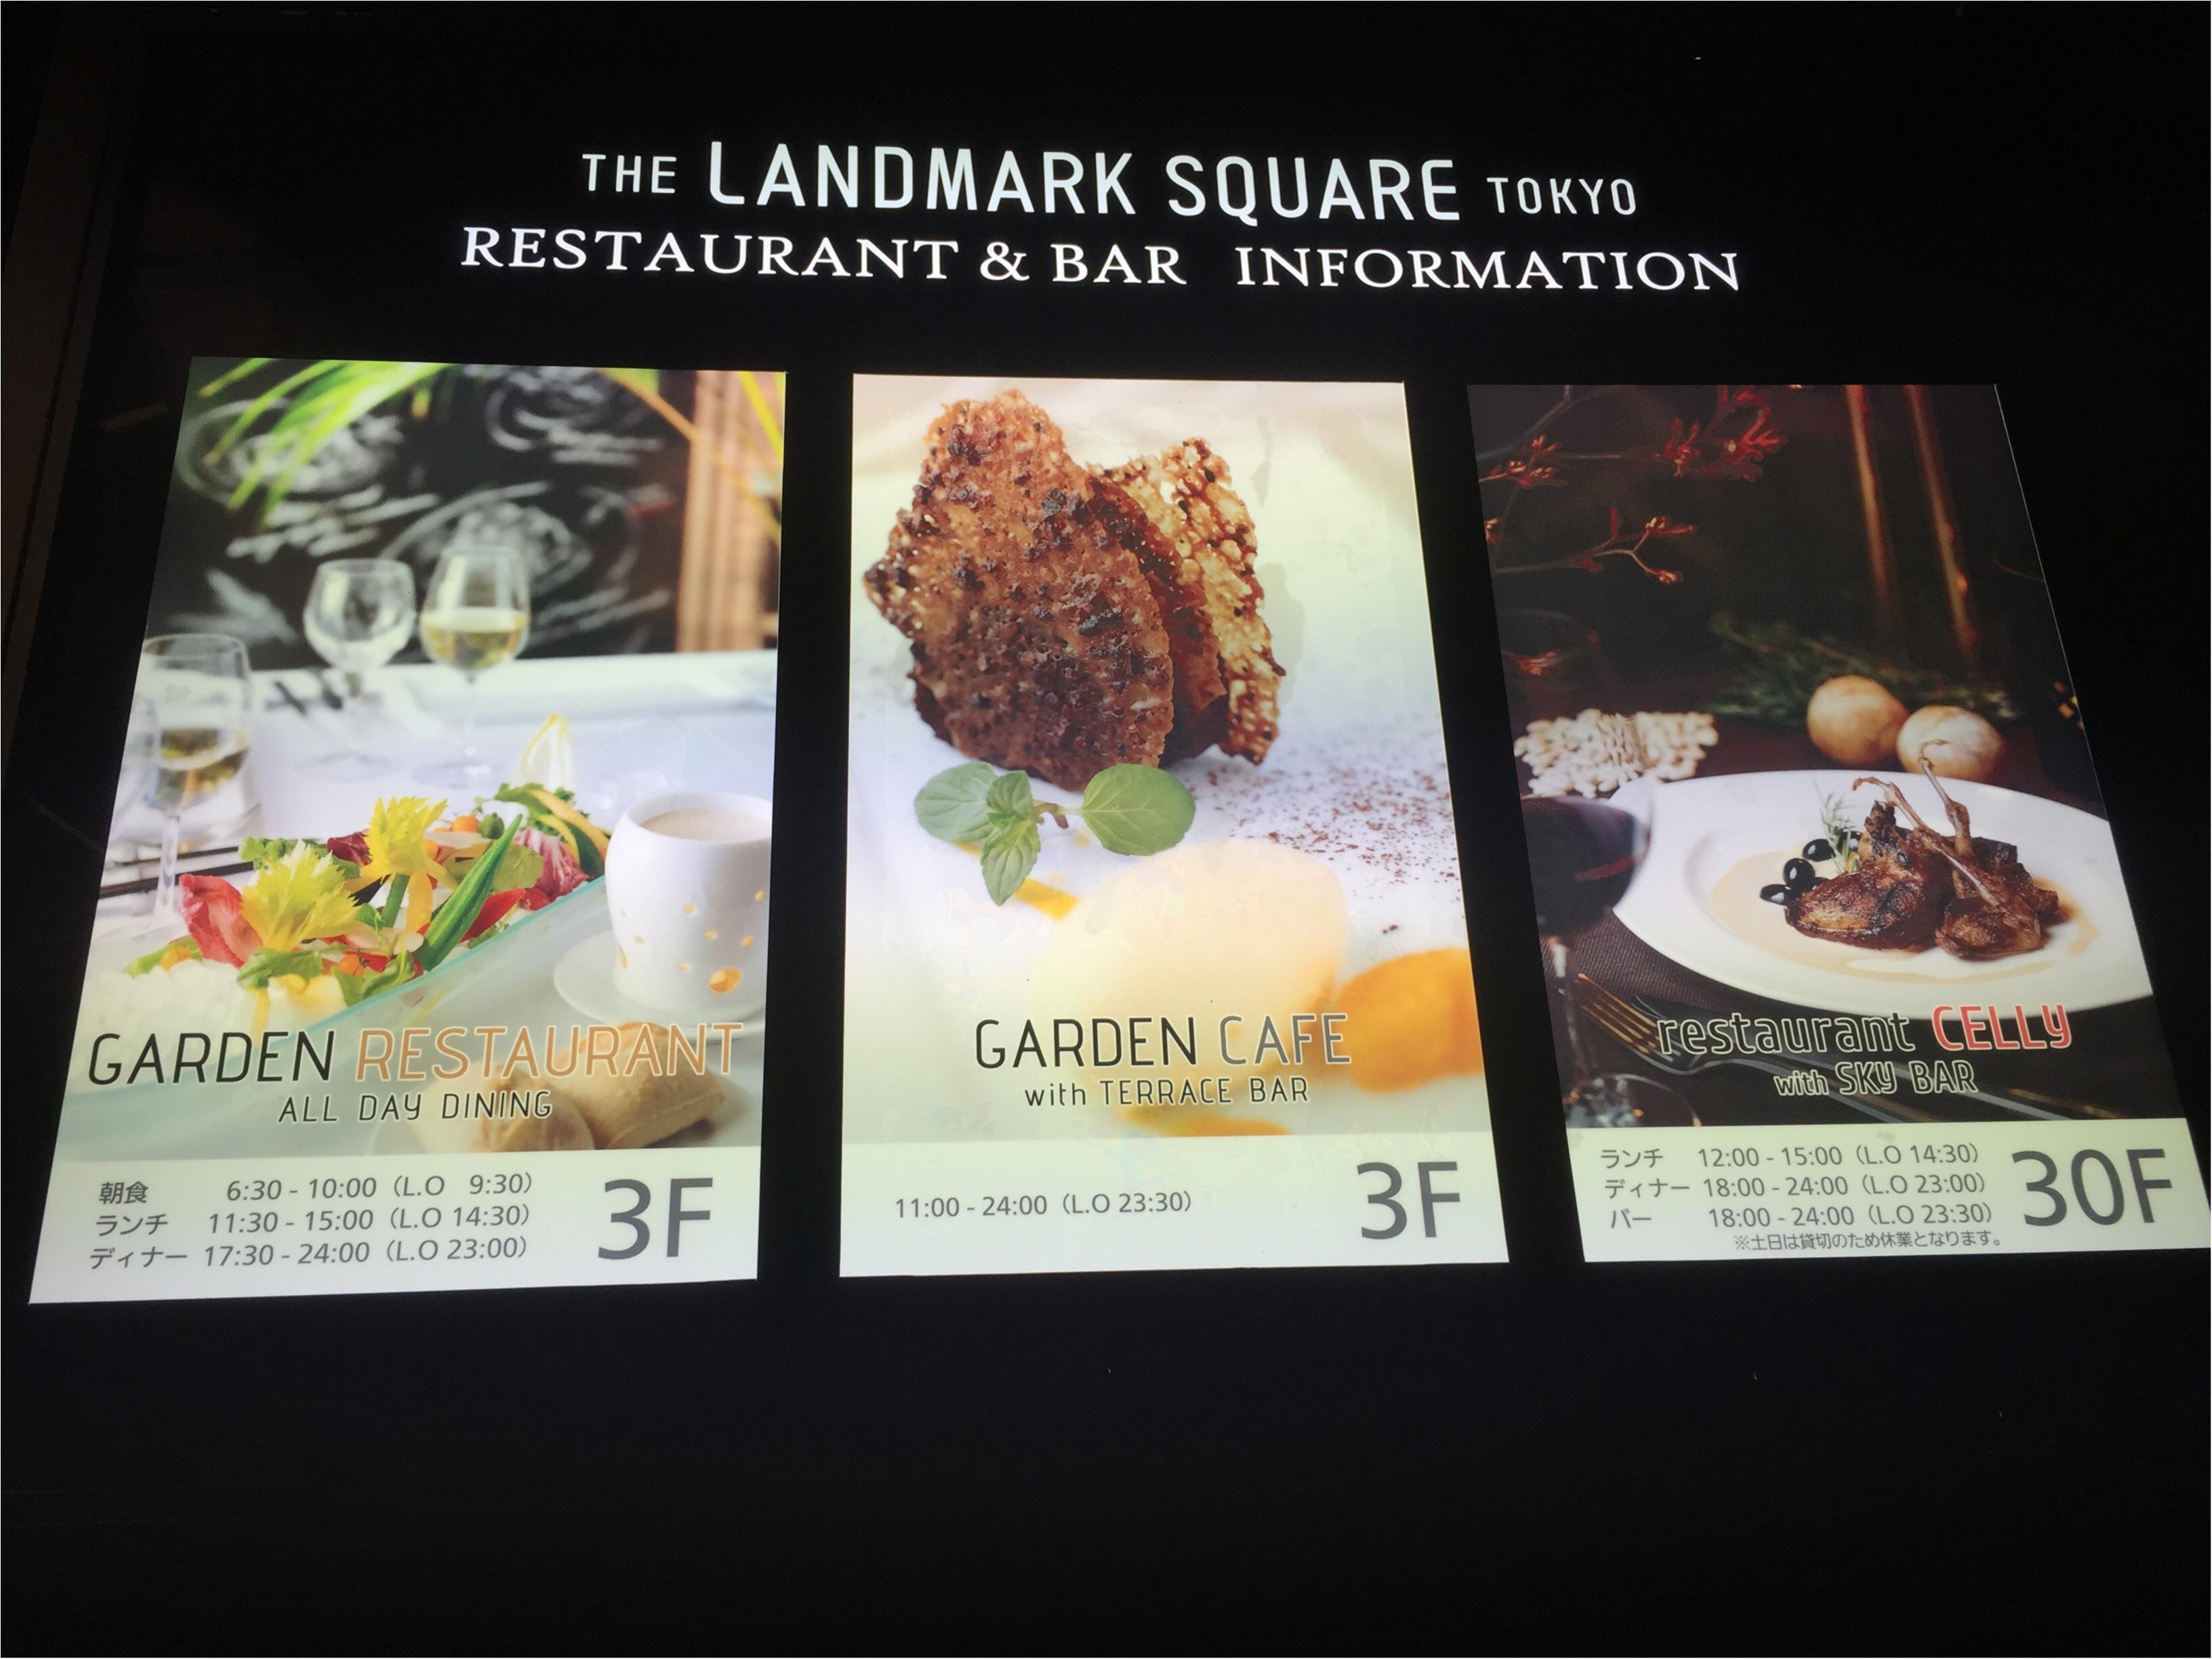 料理も最高♡1ランク上のビアガーデンで優雅なひとときを過ごすなら✨バースデーサプライズにもお薦め♪【THE LANDMARK SQUARE TOKYO】_3